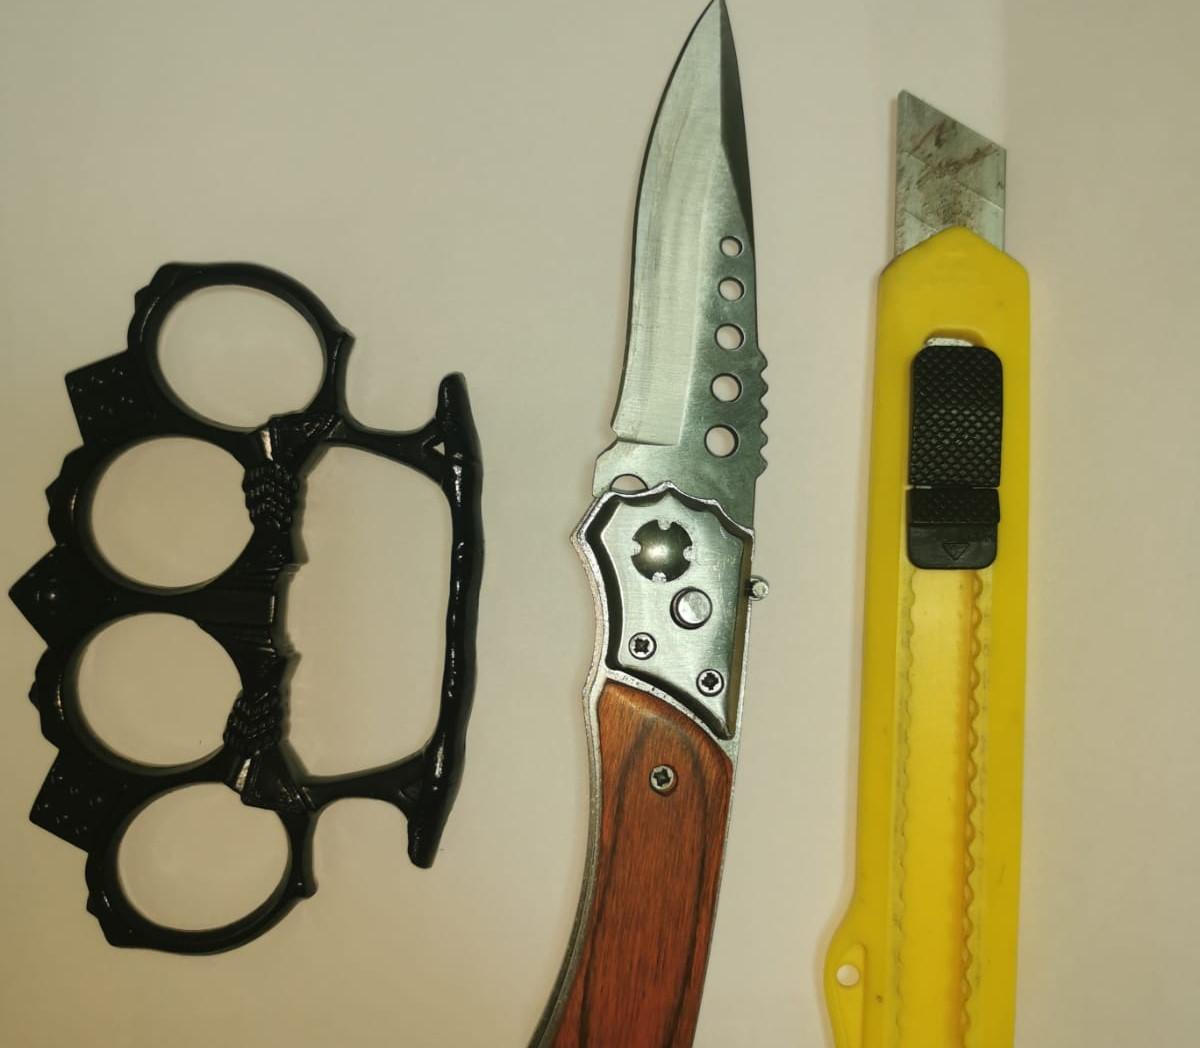 FOTO. Ce au găsit jandarmii la protestatarii din Galați: cuțite și arme de luptă corp la corp